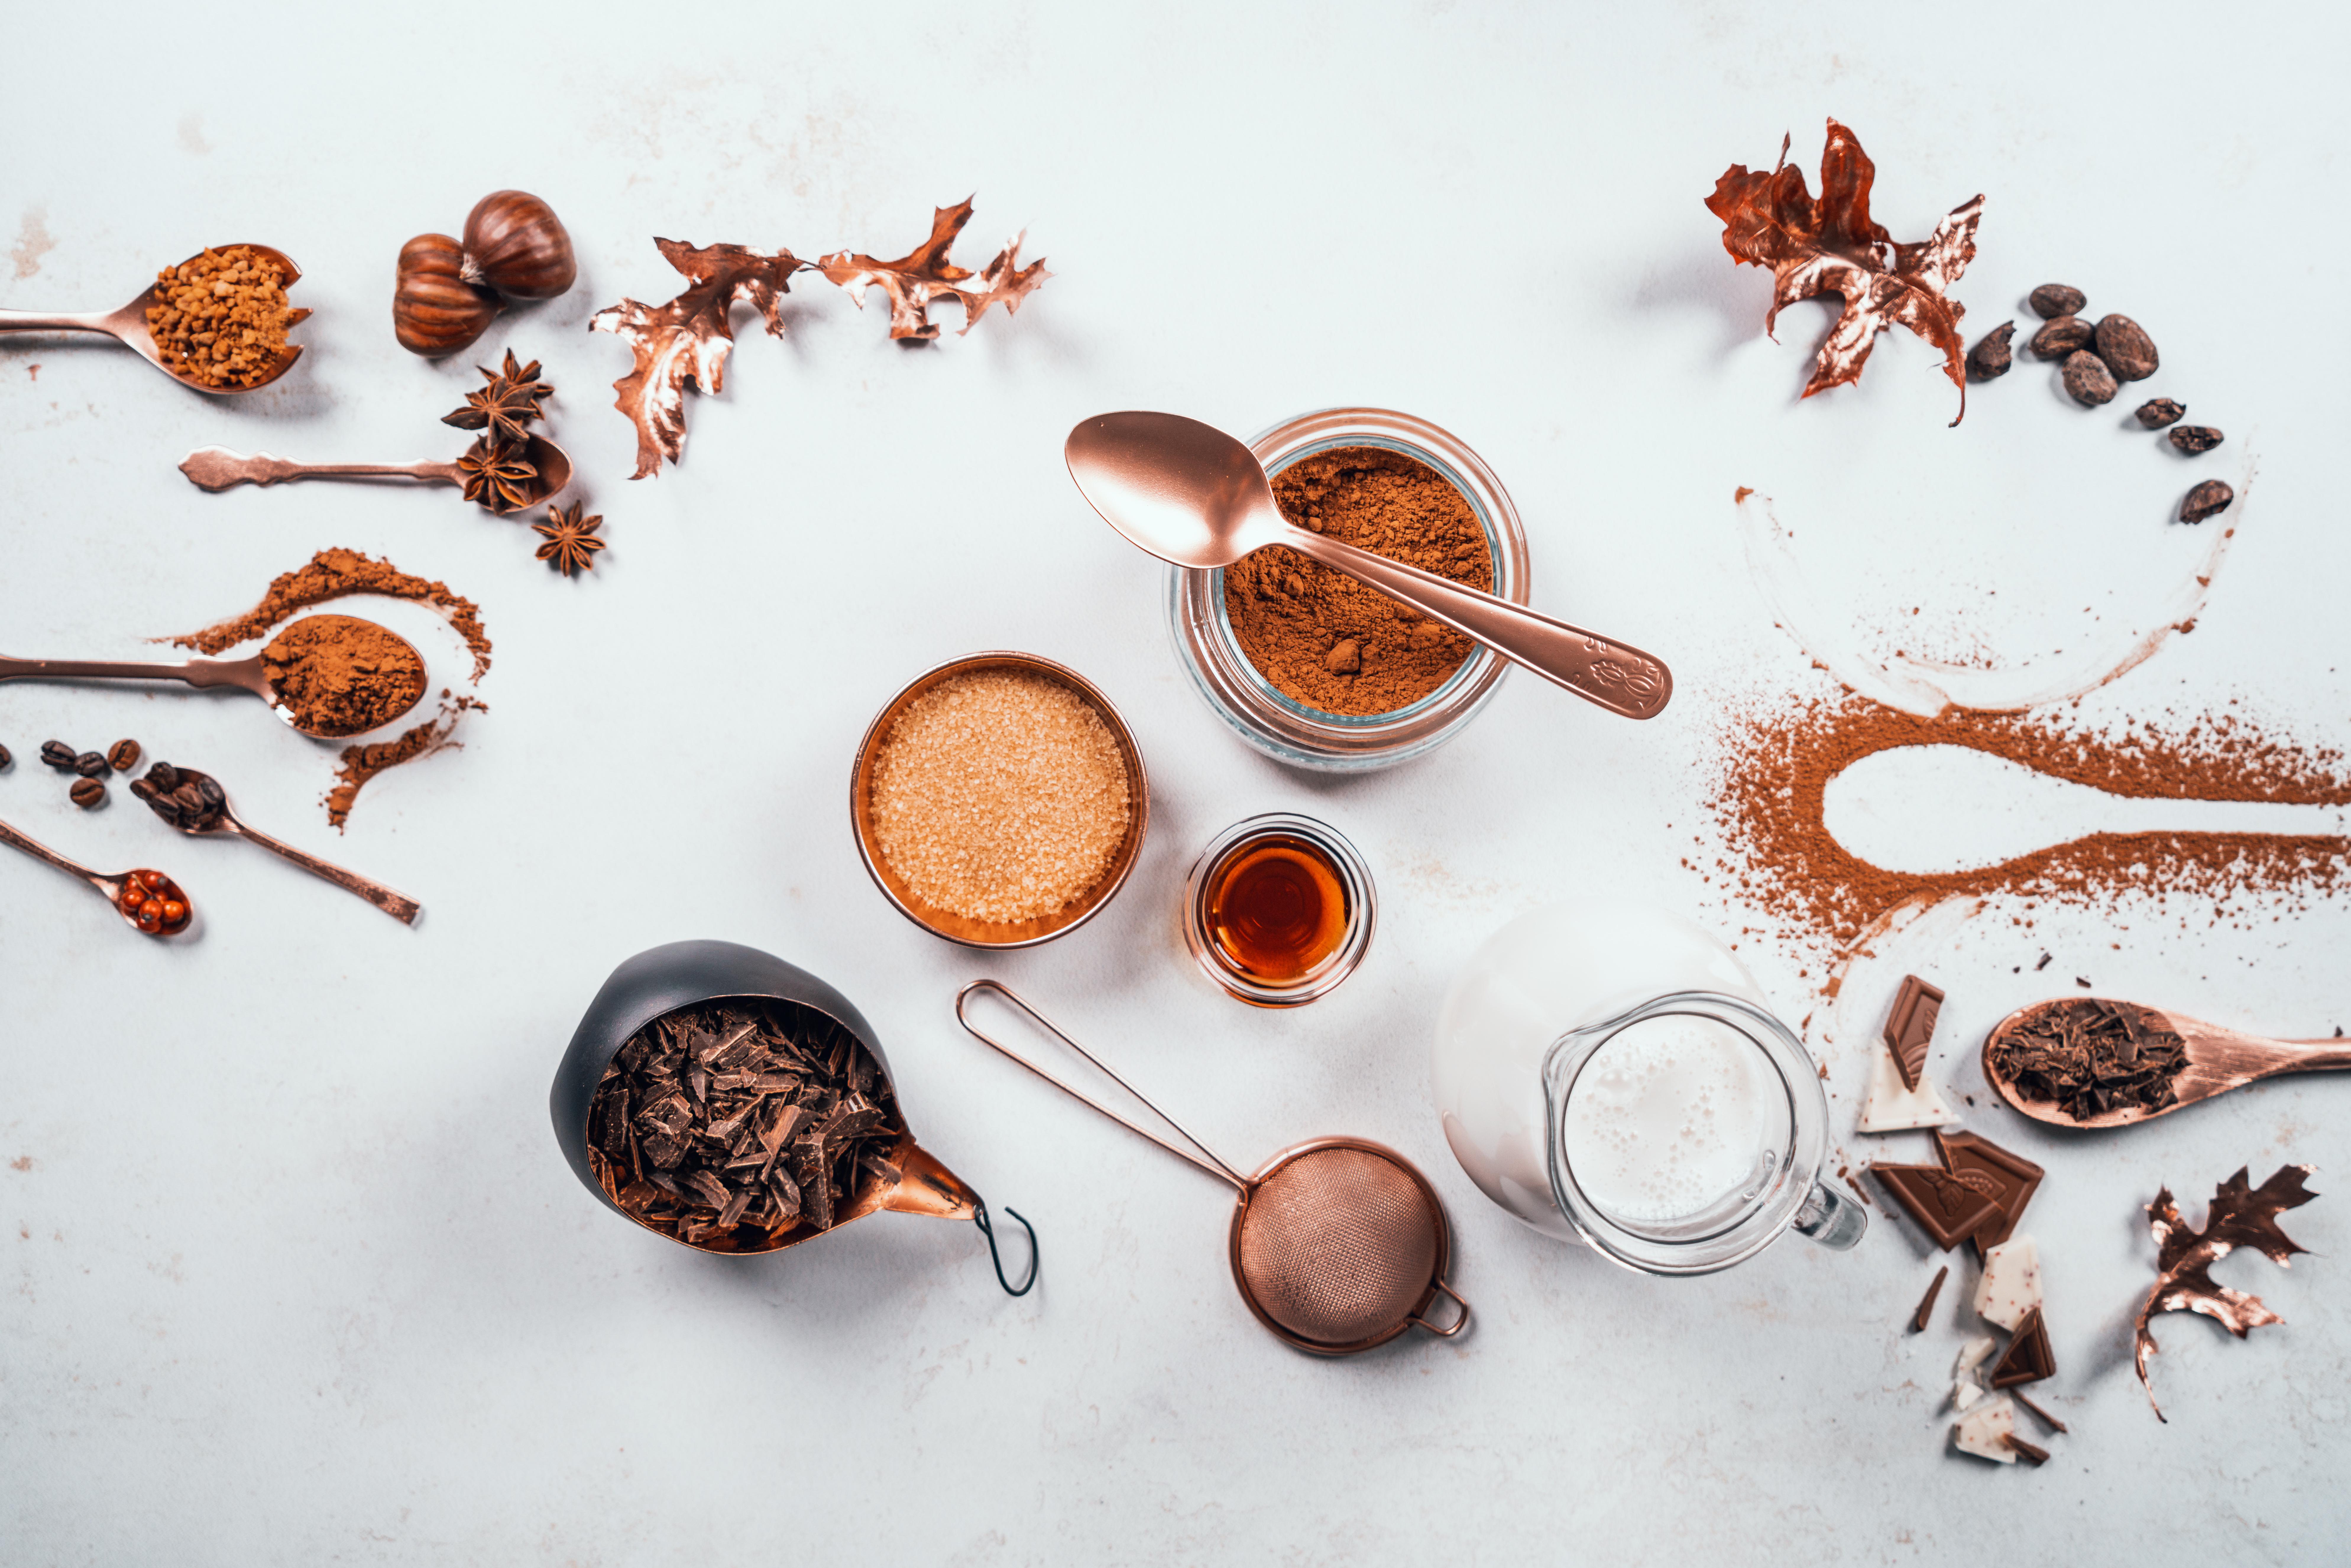 ingredientes para hacer chocolate caliente en casa, ralladura de chocolate, cacao en polvo, azucar moreno y extracto de vainilla